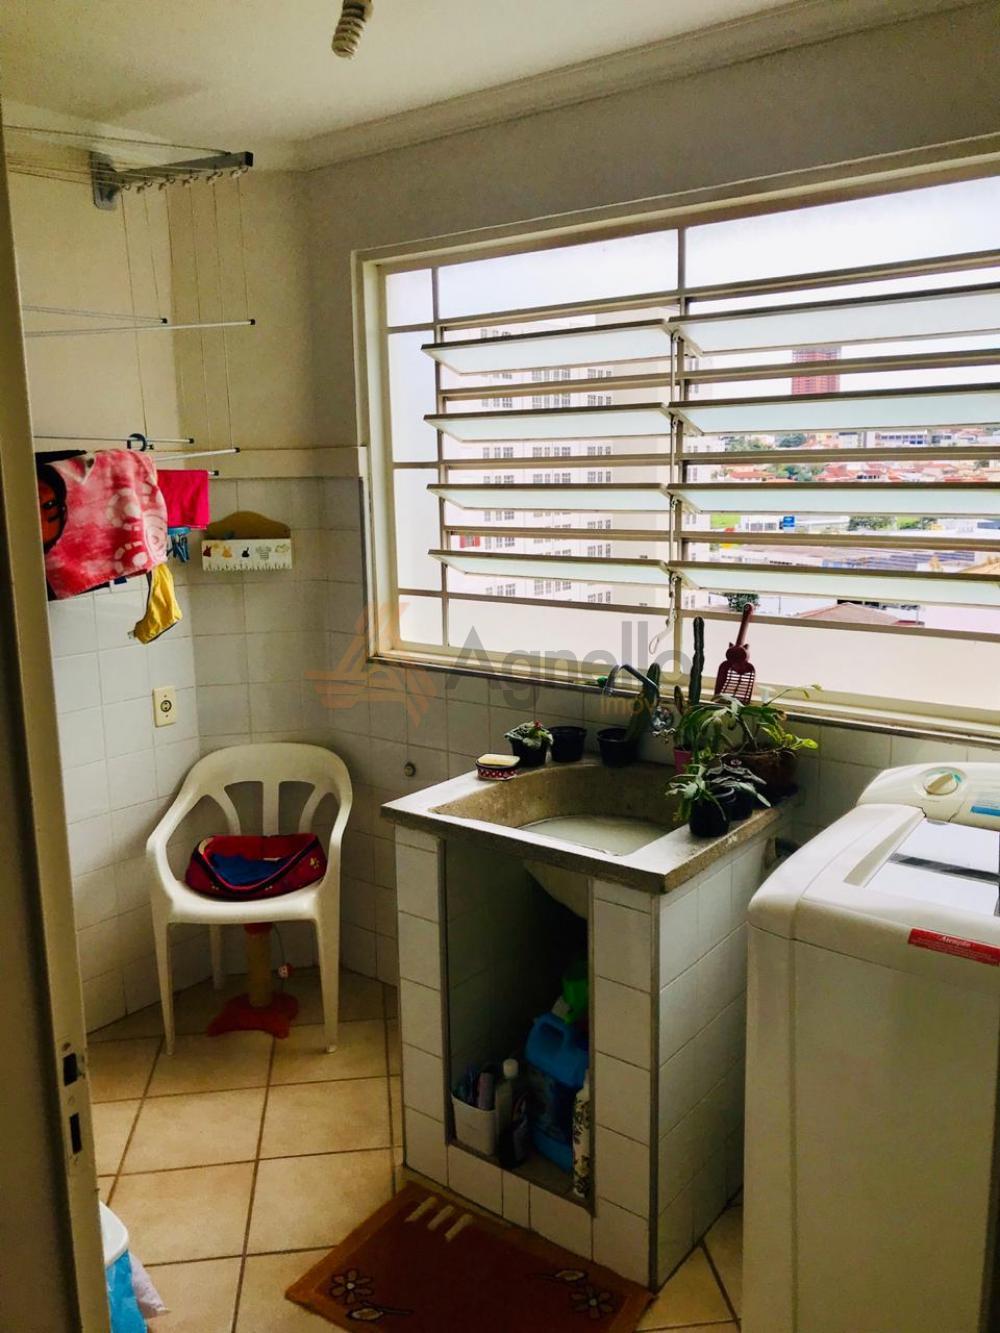 Comprar Apartamento / Padrão em Franca apenas R$ 210.000,00 - Foto 16